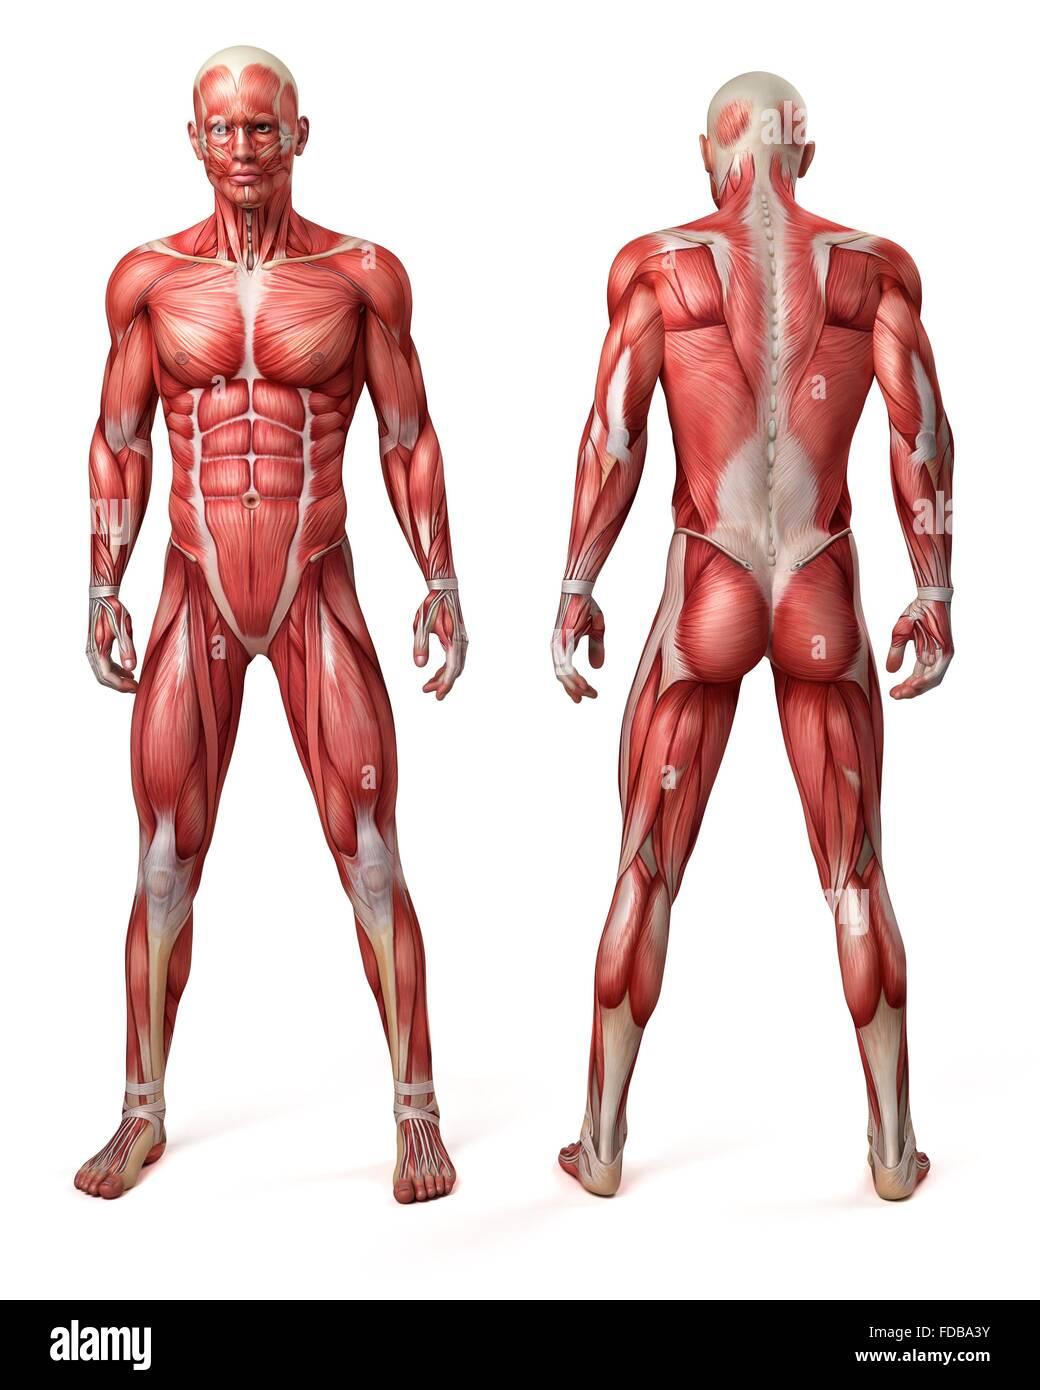 Vista frontal y trasera del sistema muscular masculina, ilustración ...